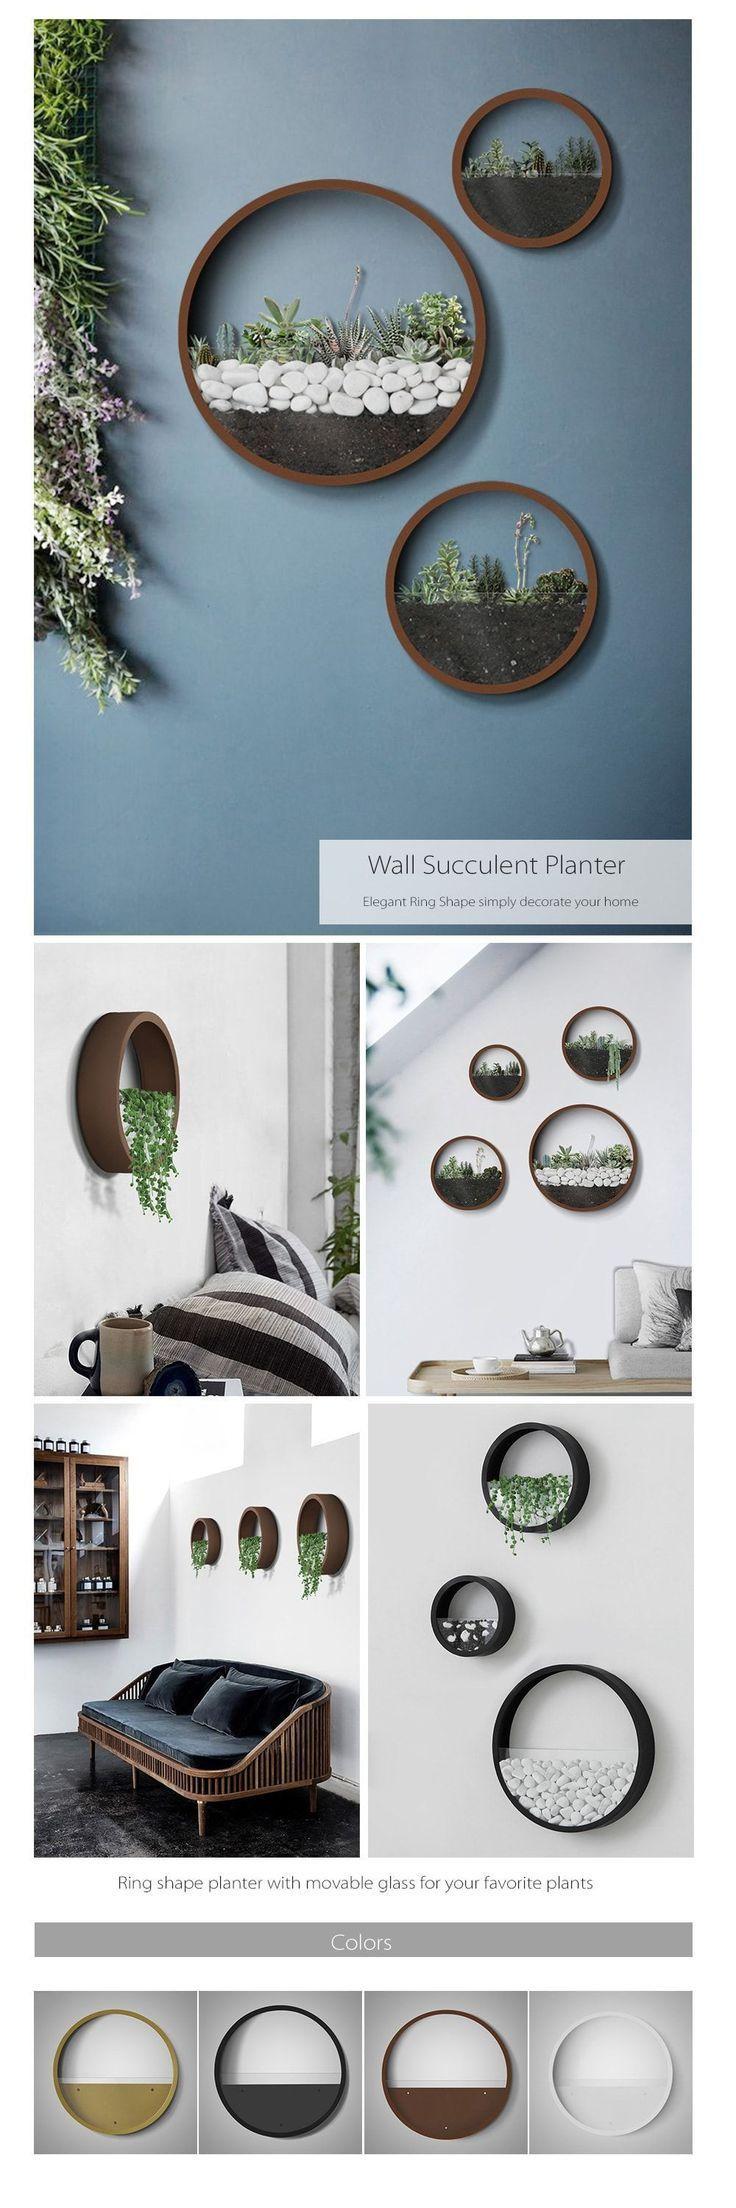 Wand-Pflanzer Die erstaunlichste Wanddekoration #bestdiywoodprojects #erstaunli